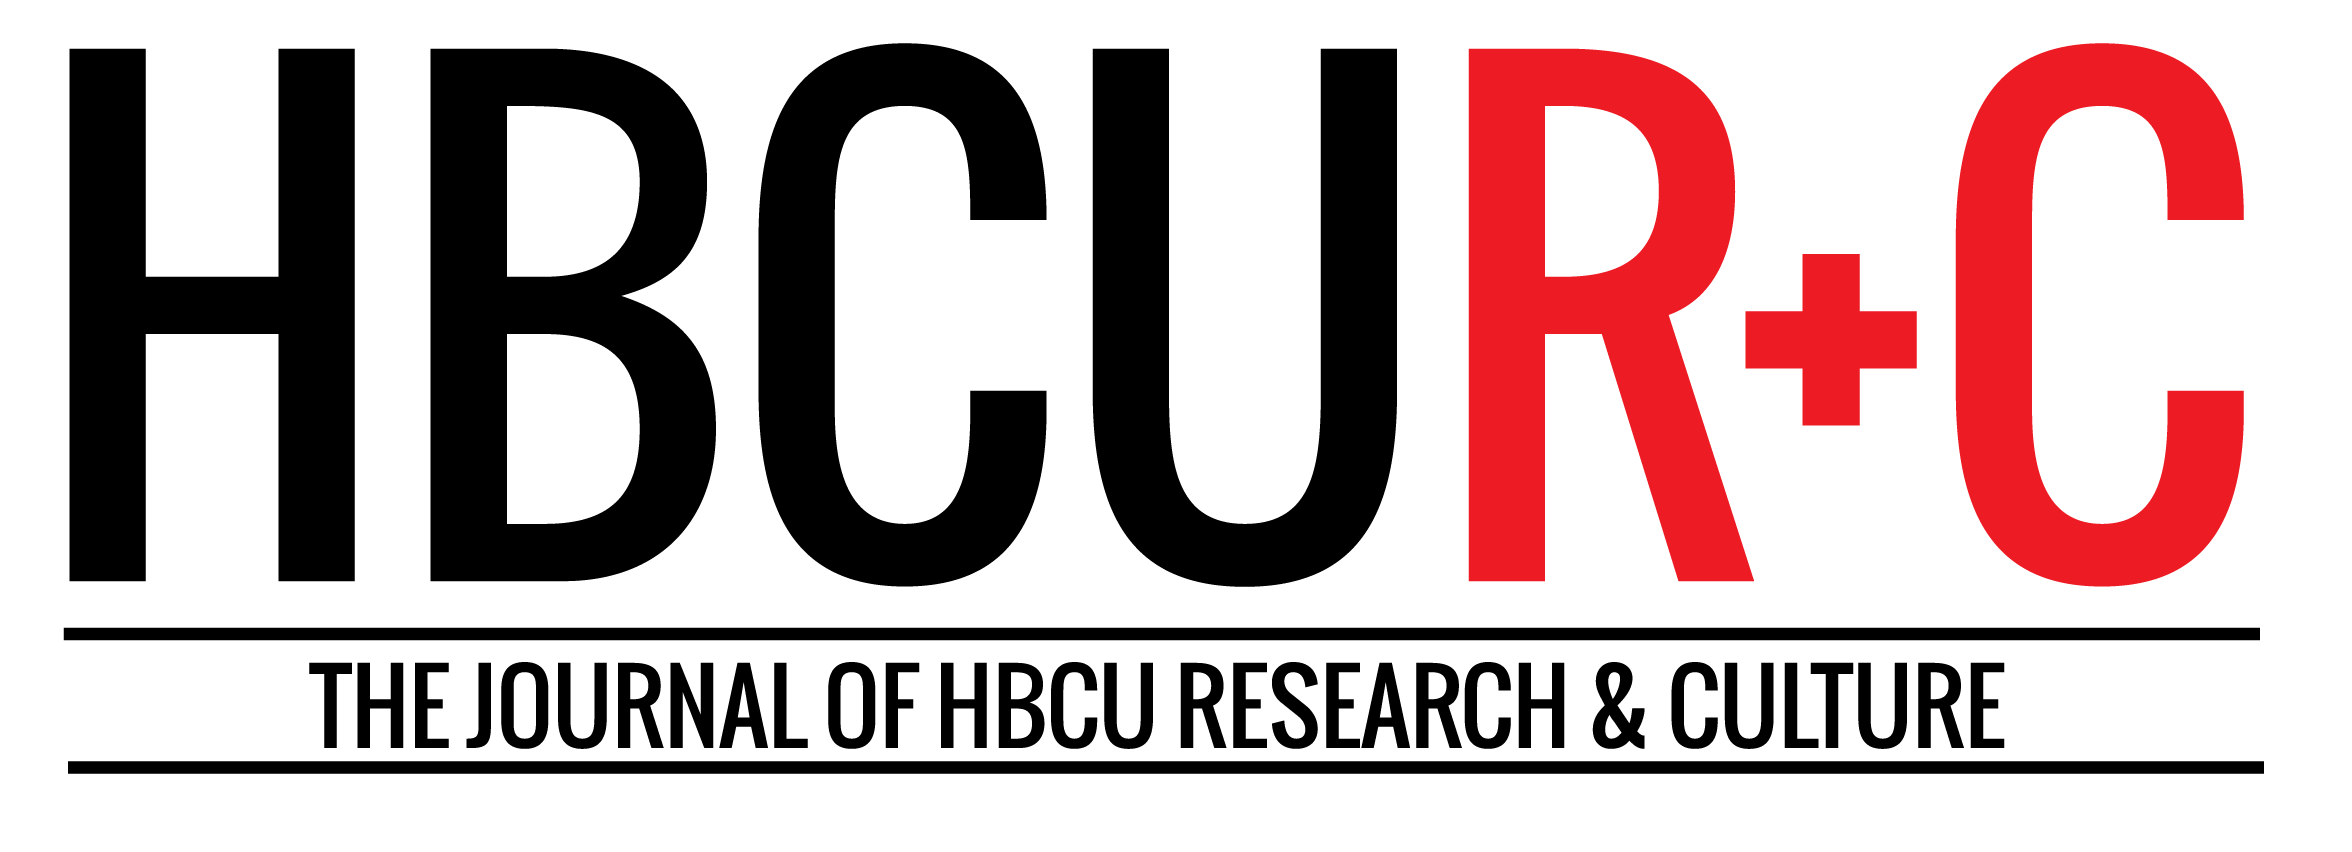 HBCUR+C